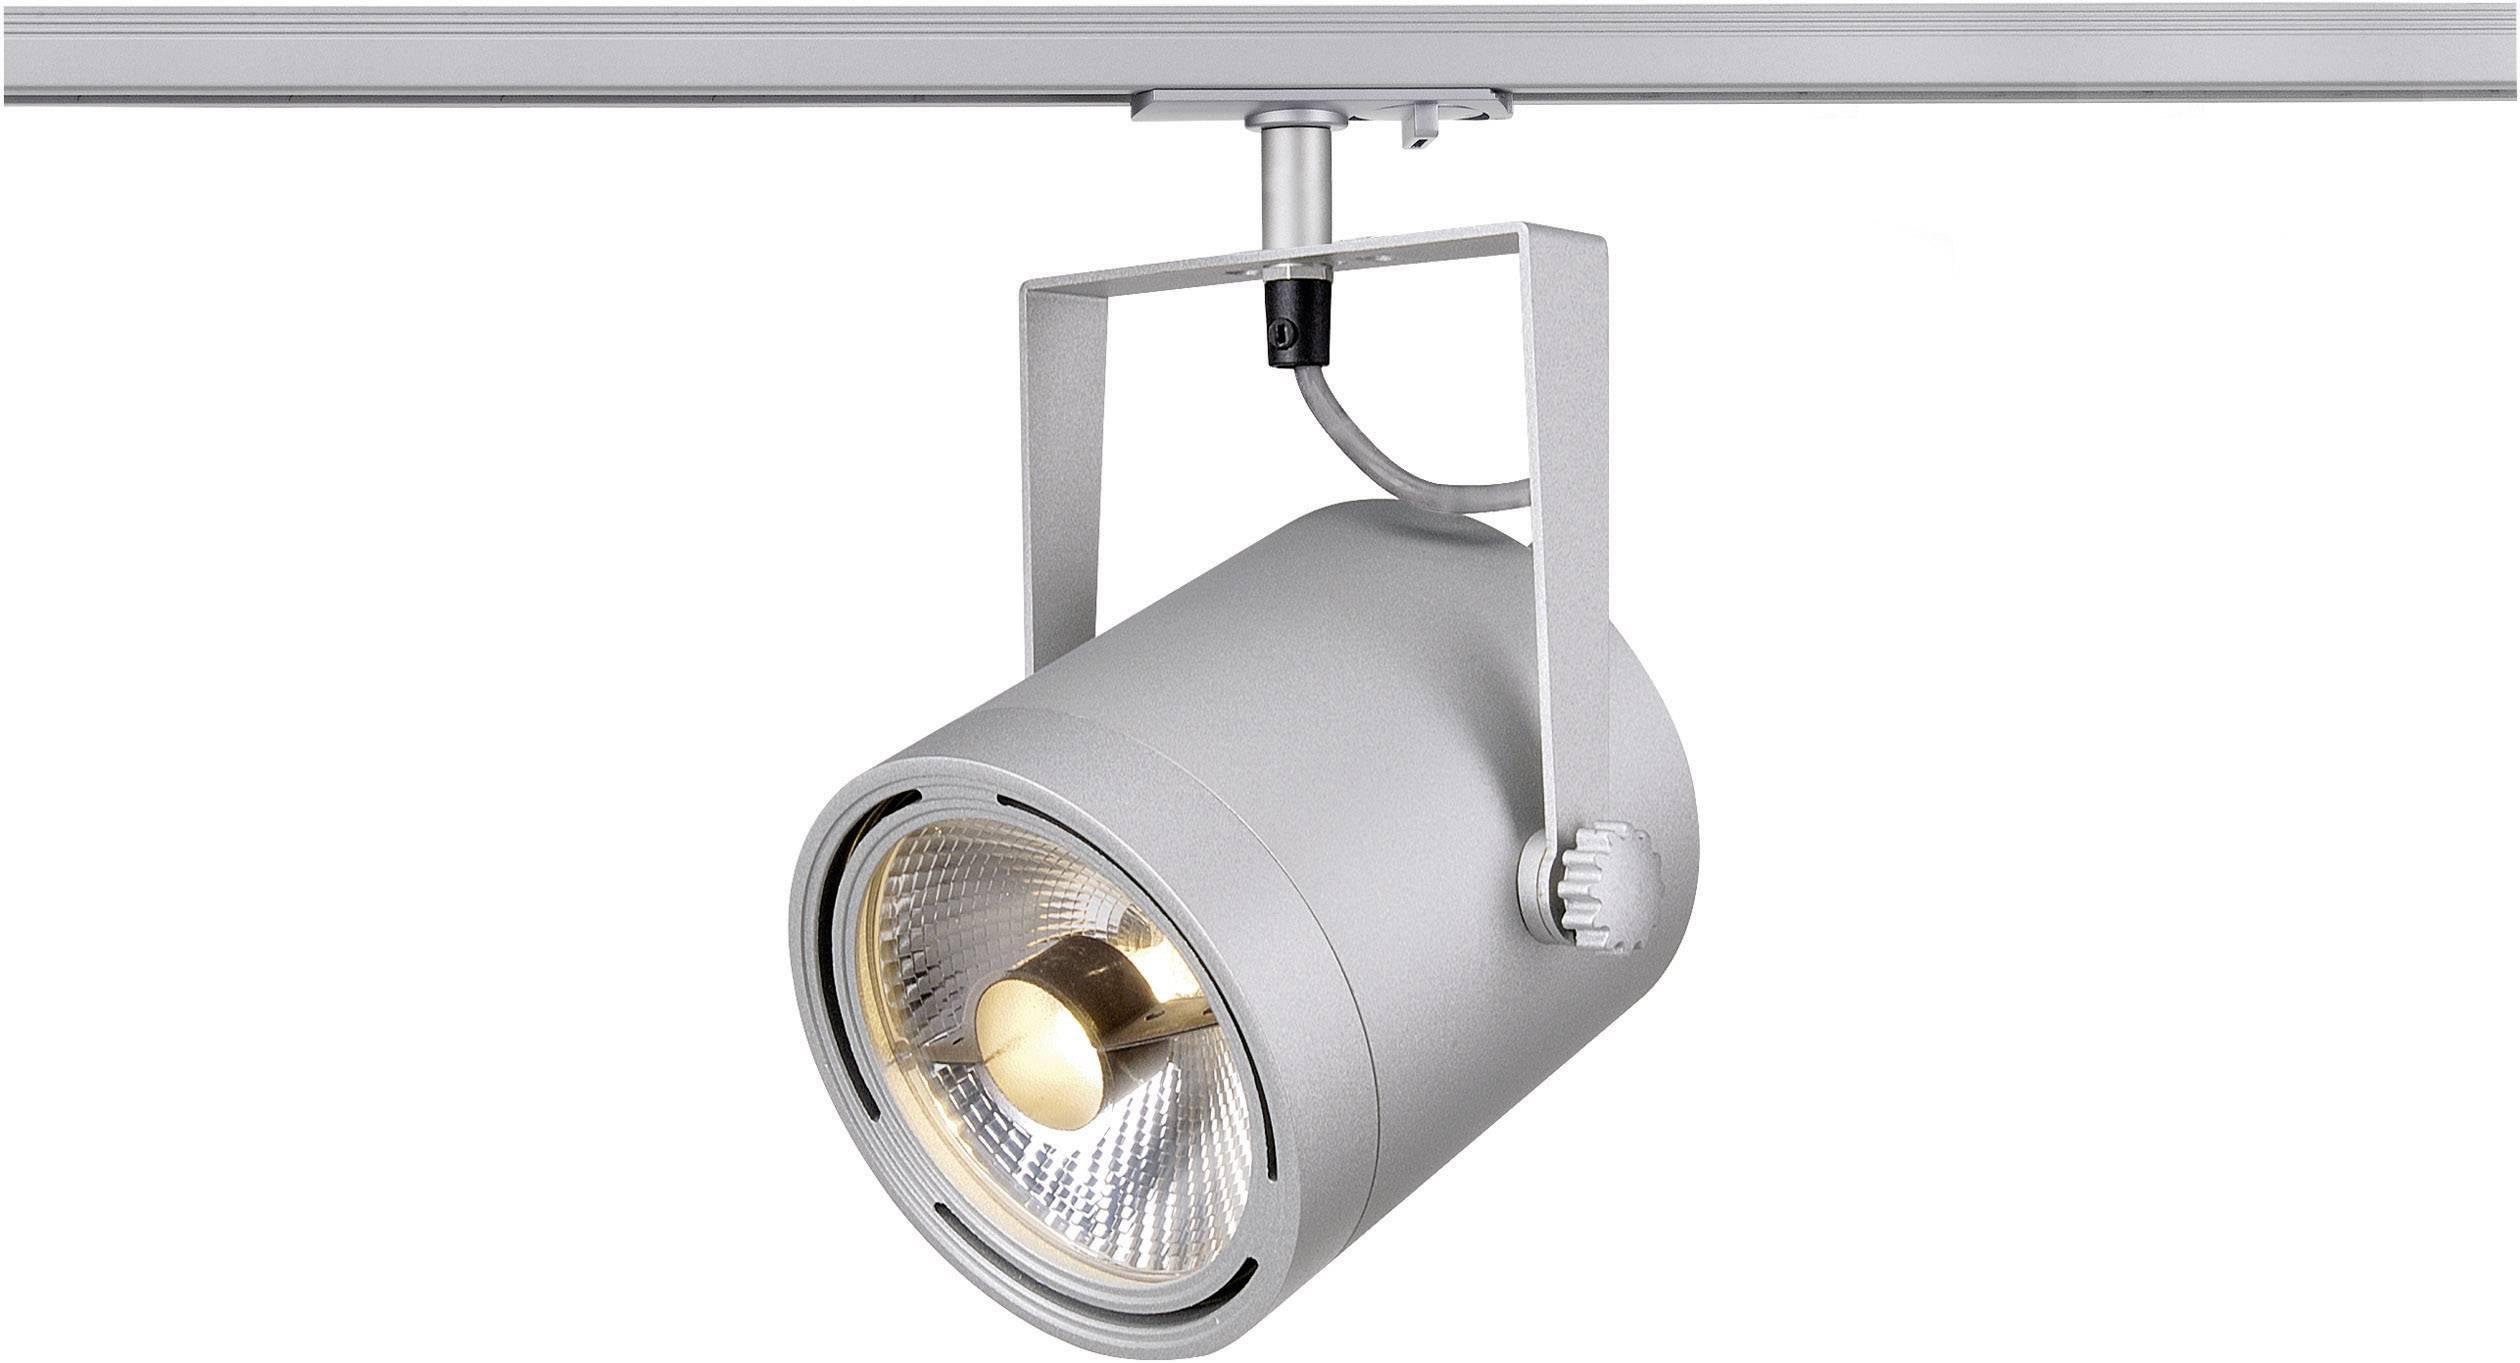 Svietidlo pre lištové systémy (230 V) - SLV EURO SPOT, GU10, 1-fázové, 75 W, strieborná